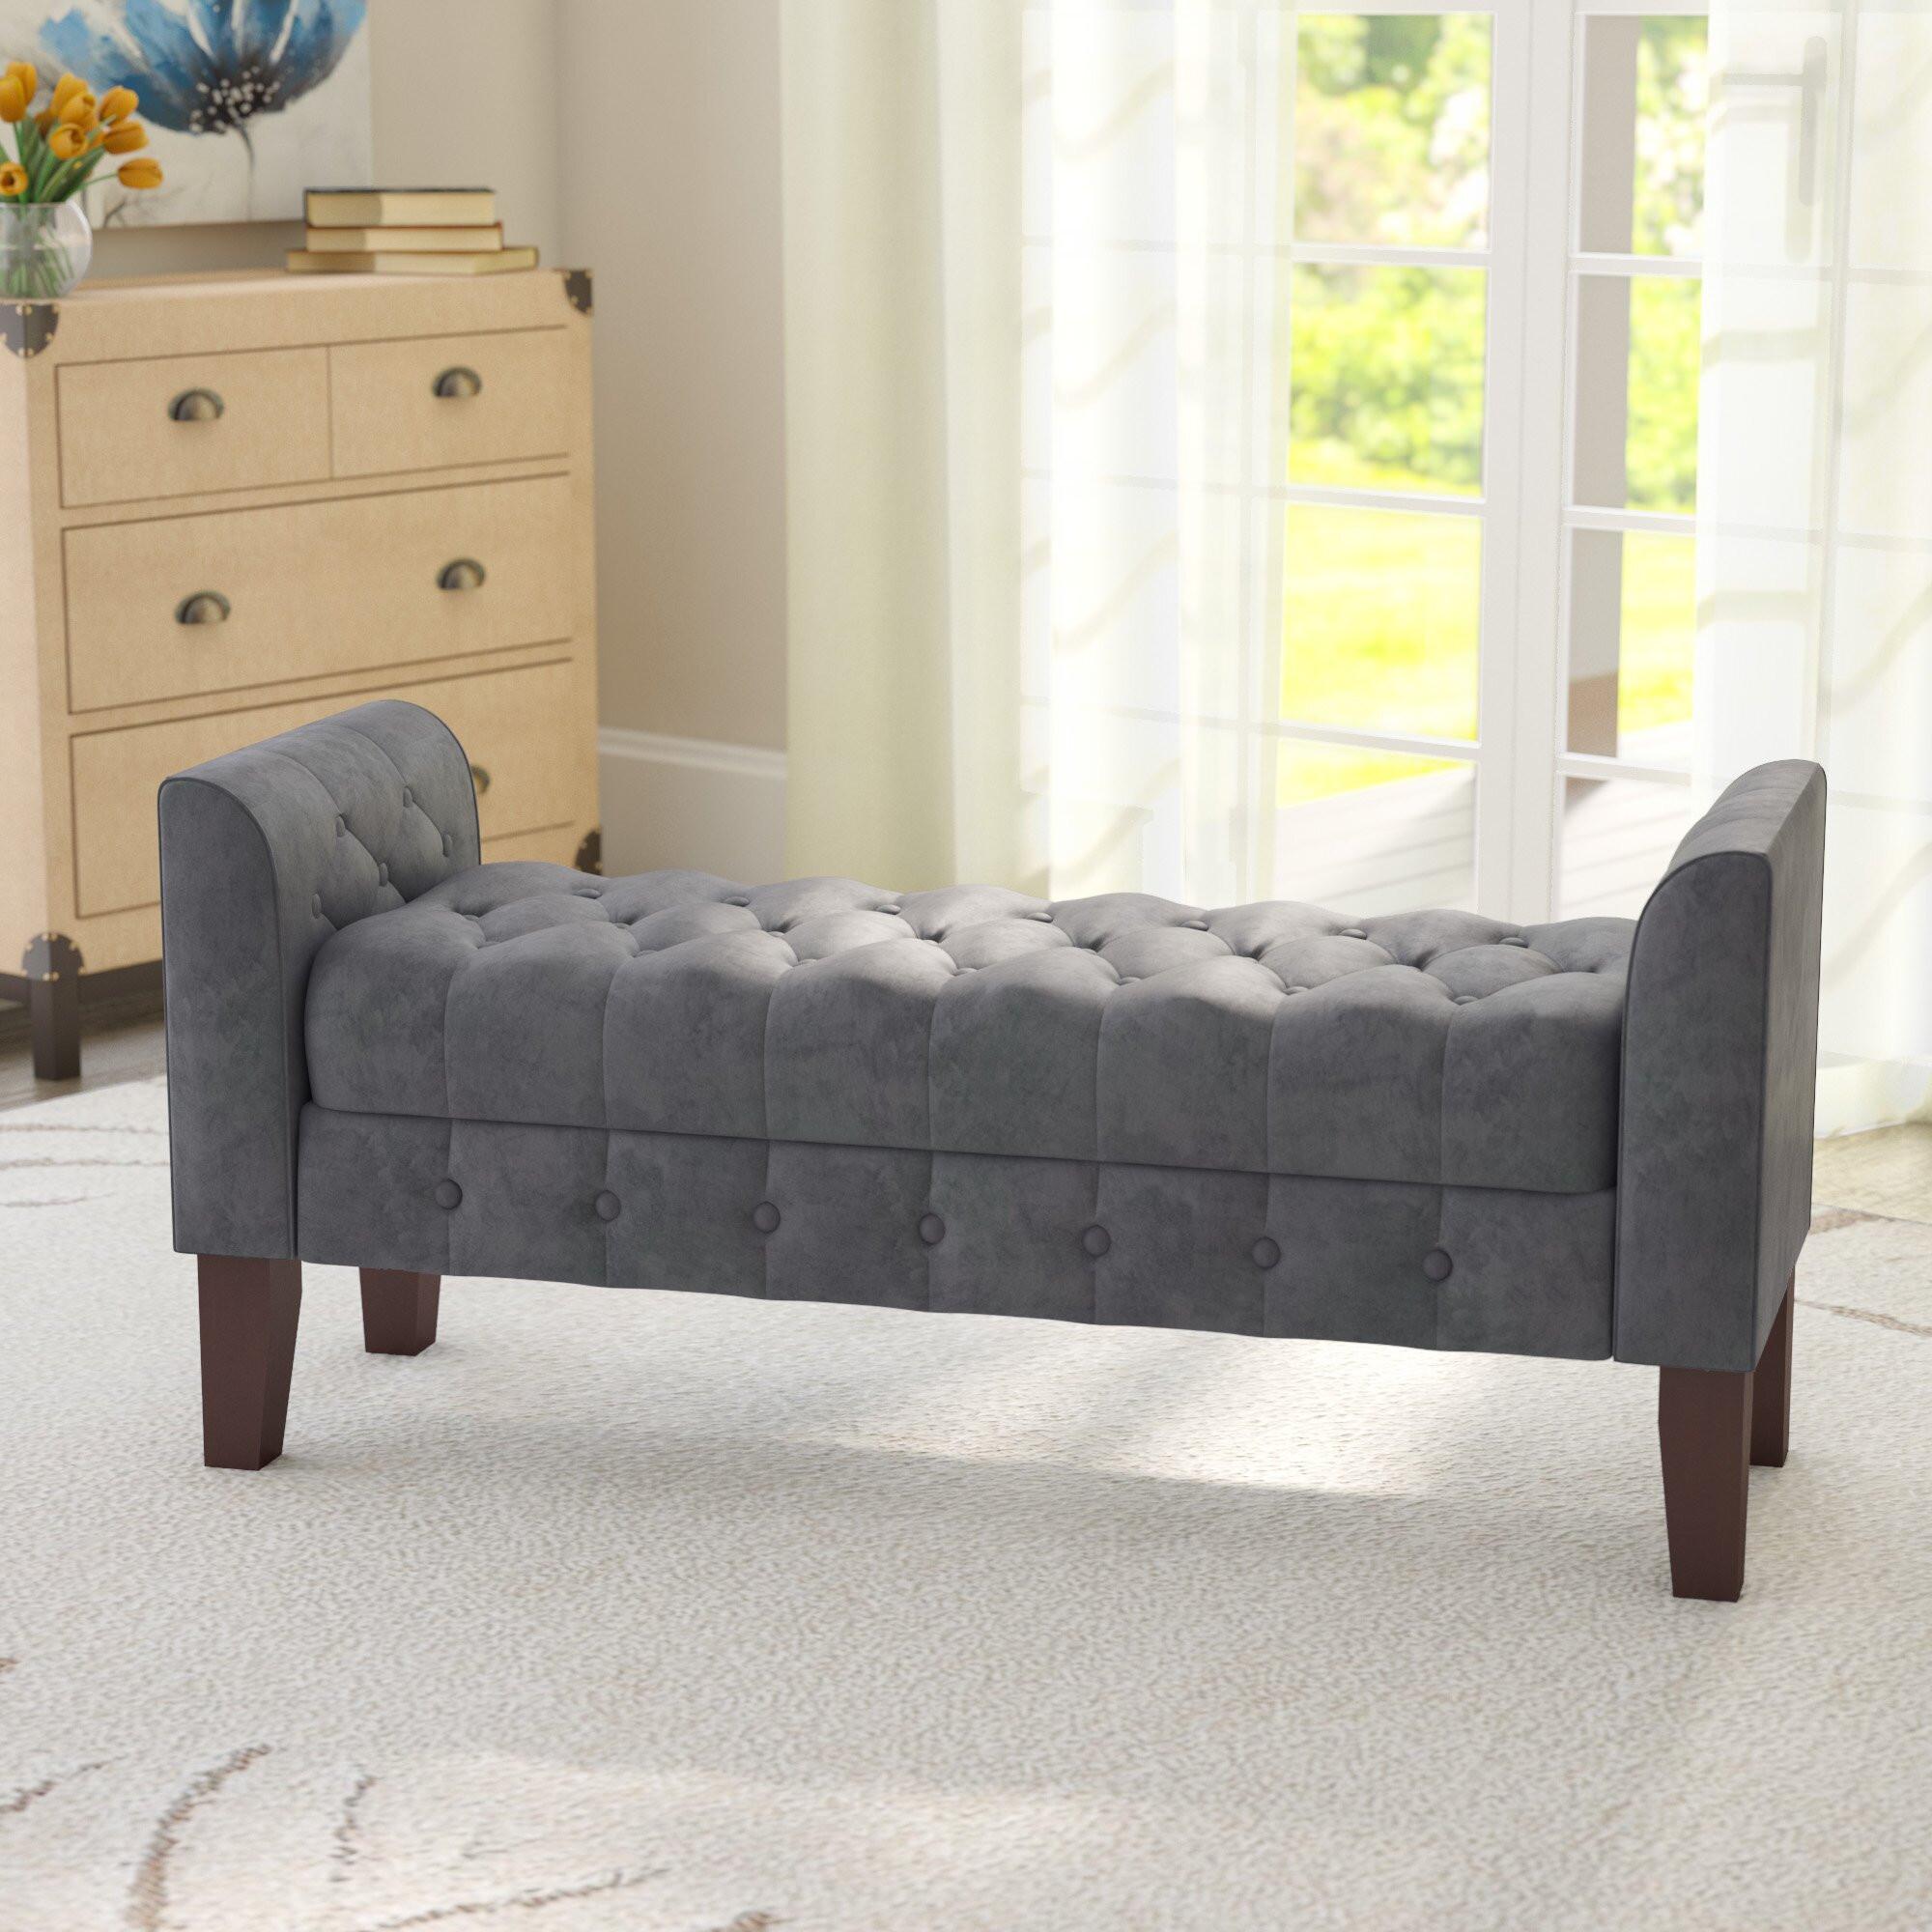 Storage Bench Bedroom  Three Posts Aimee Upholstered Storage Bedroom Bench